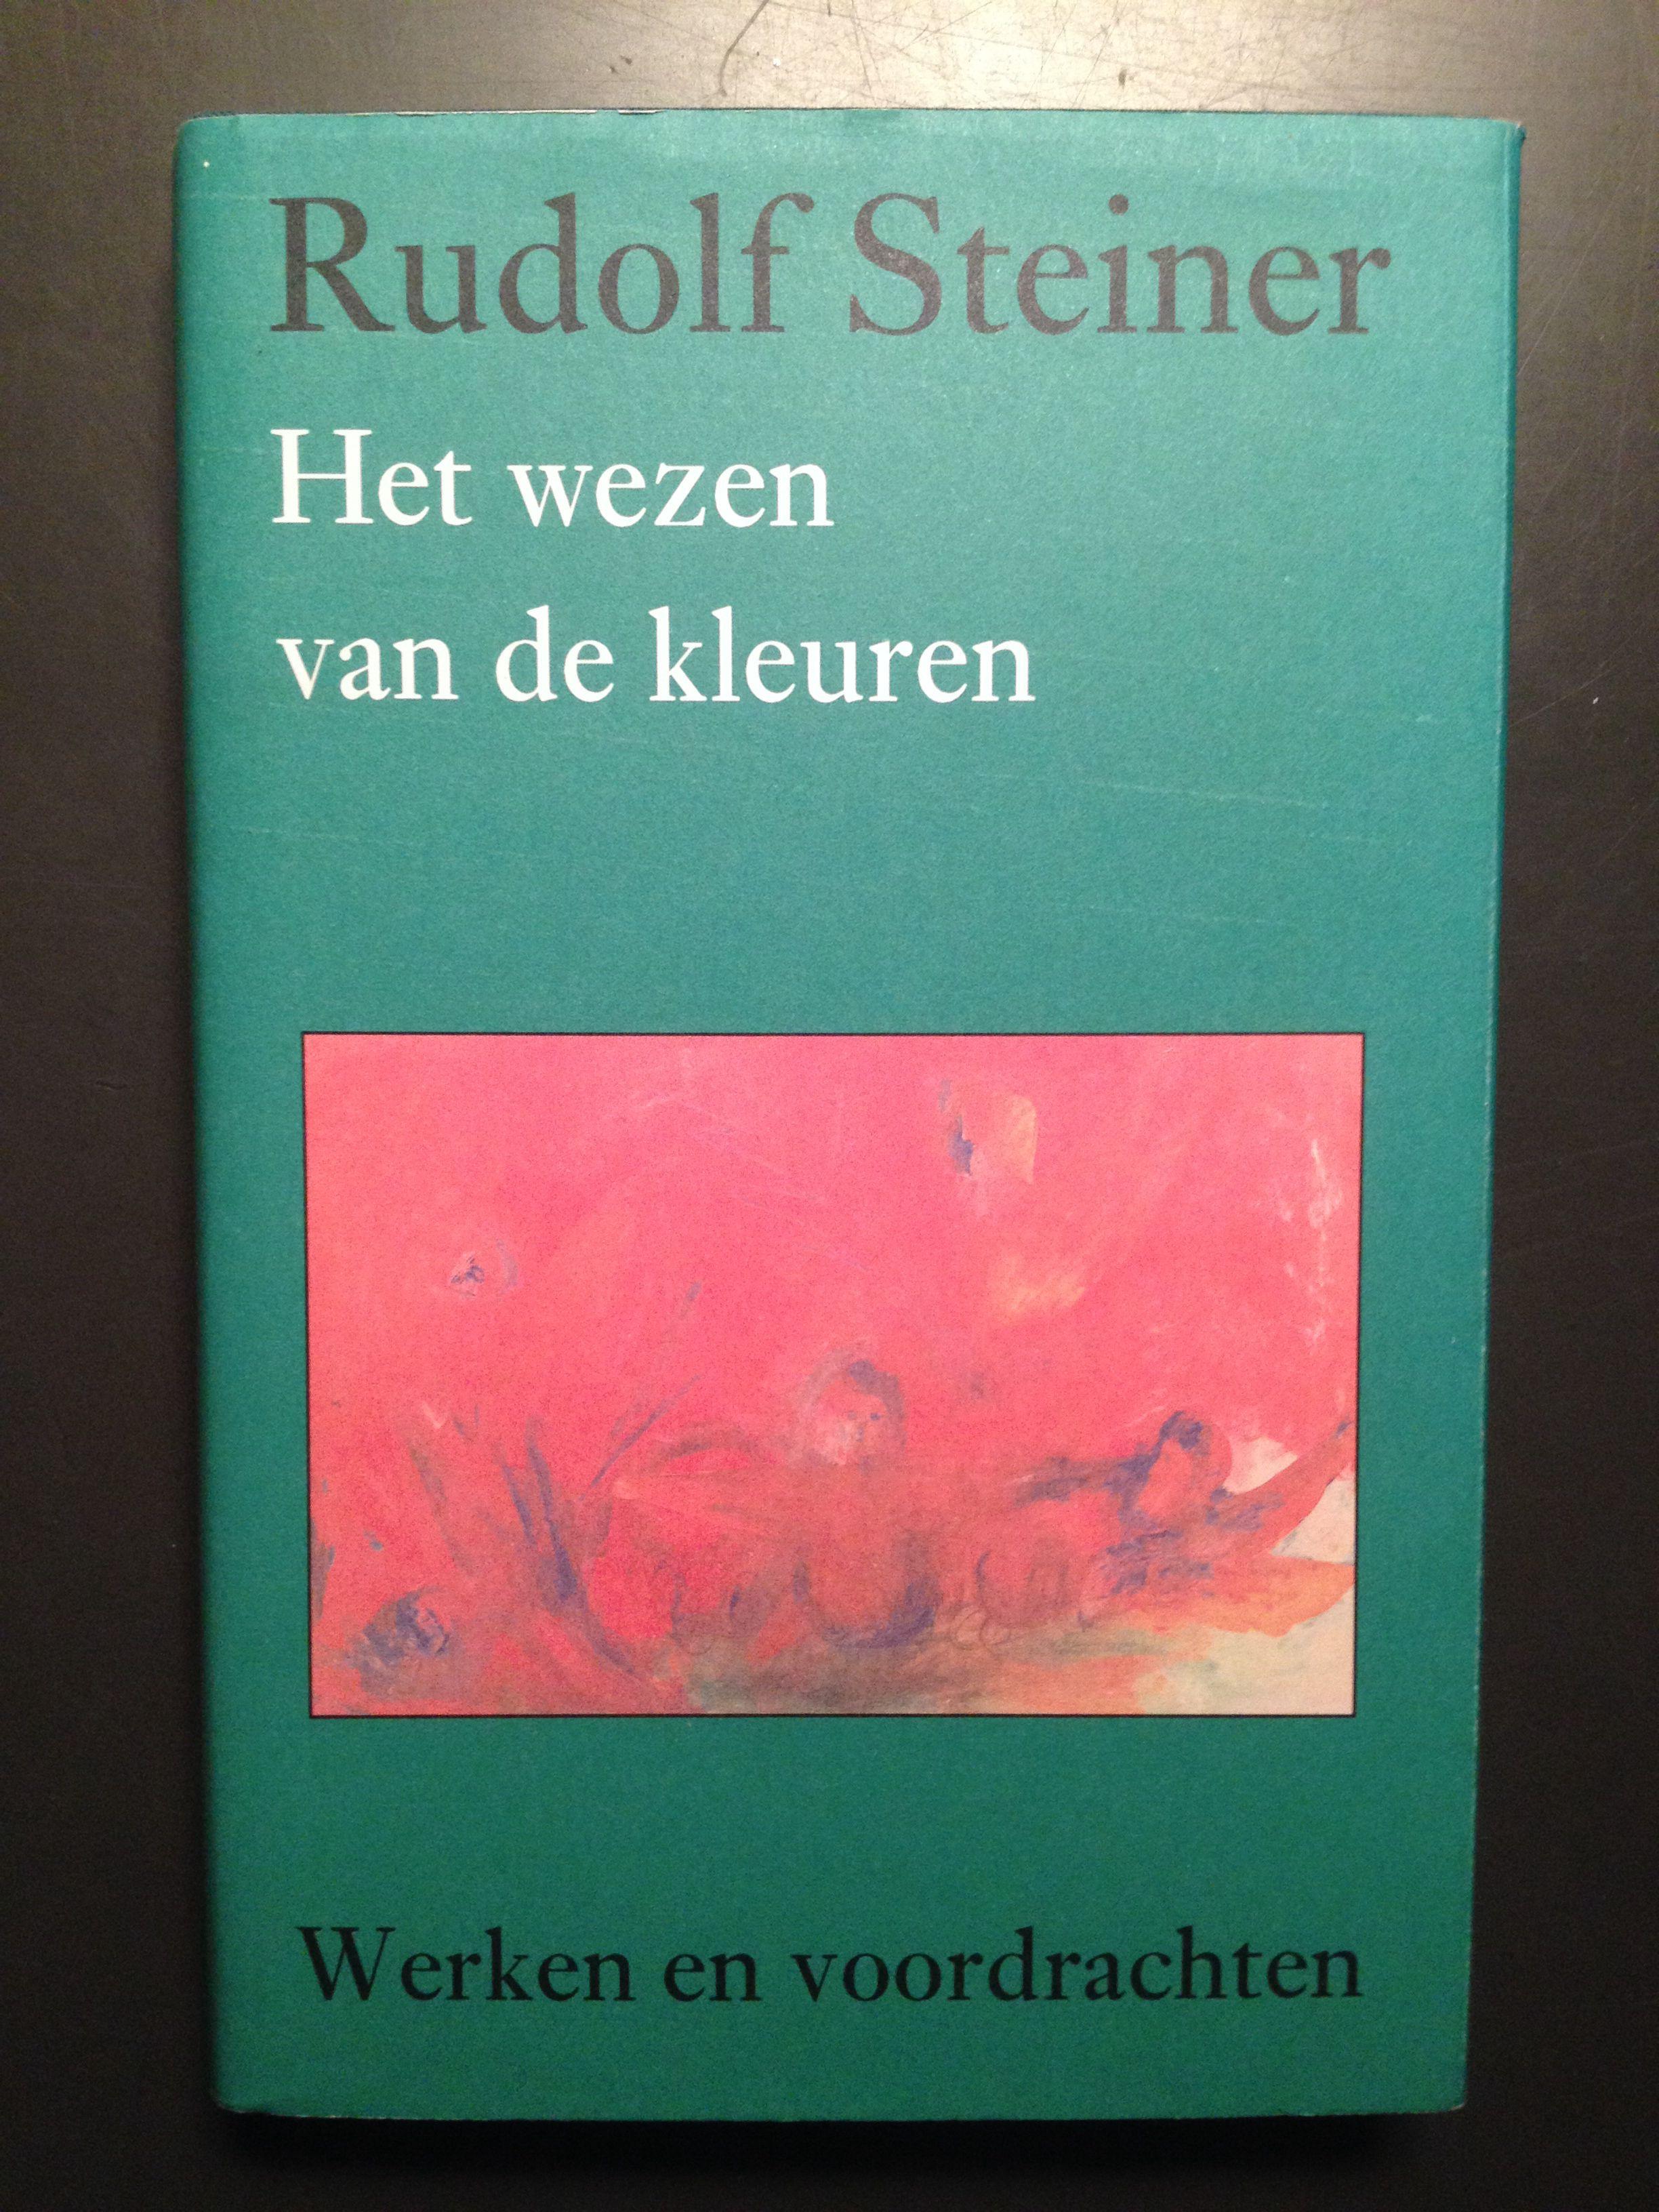 Het wezen van de kleuren, Rudolfs Steiner (Werken en voordrachten).